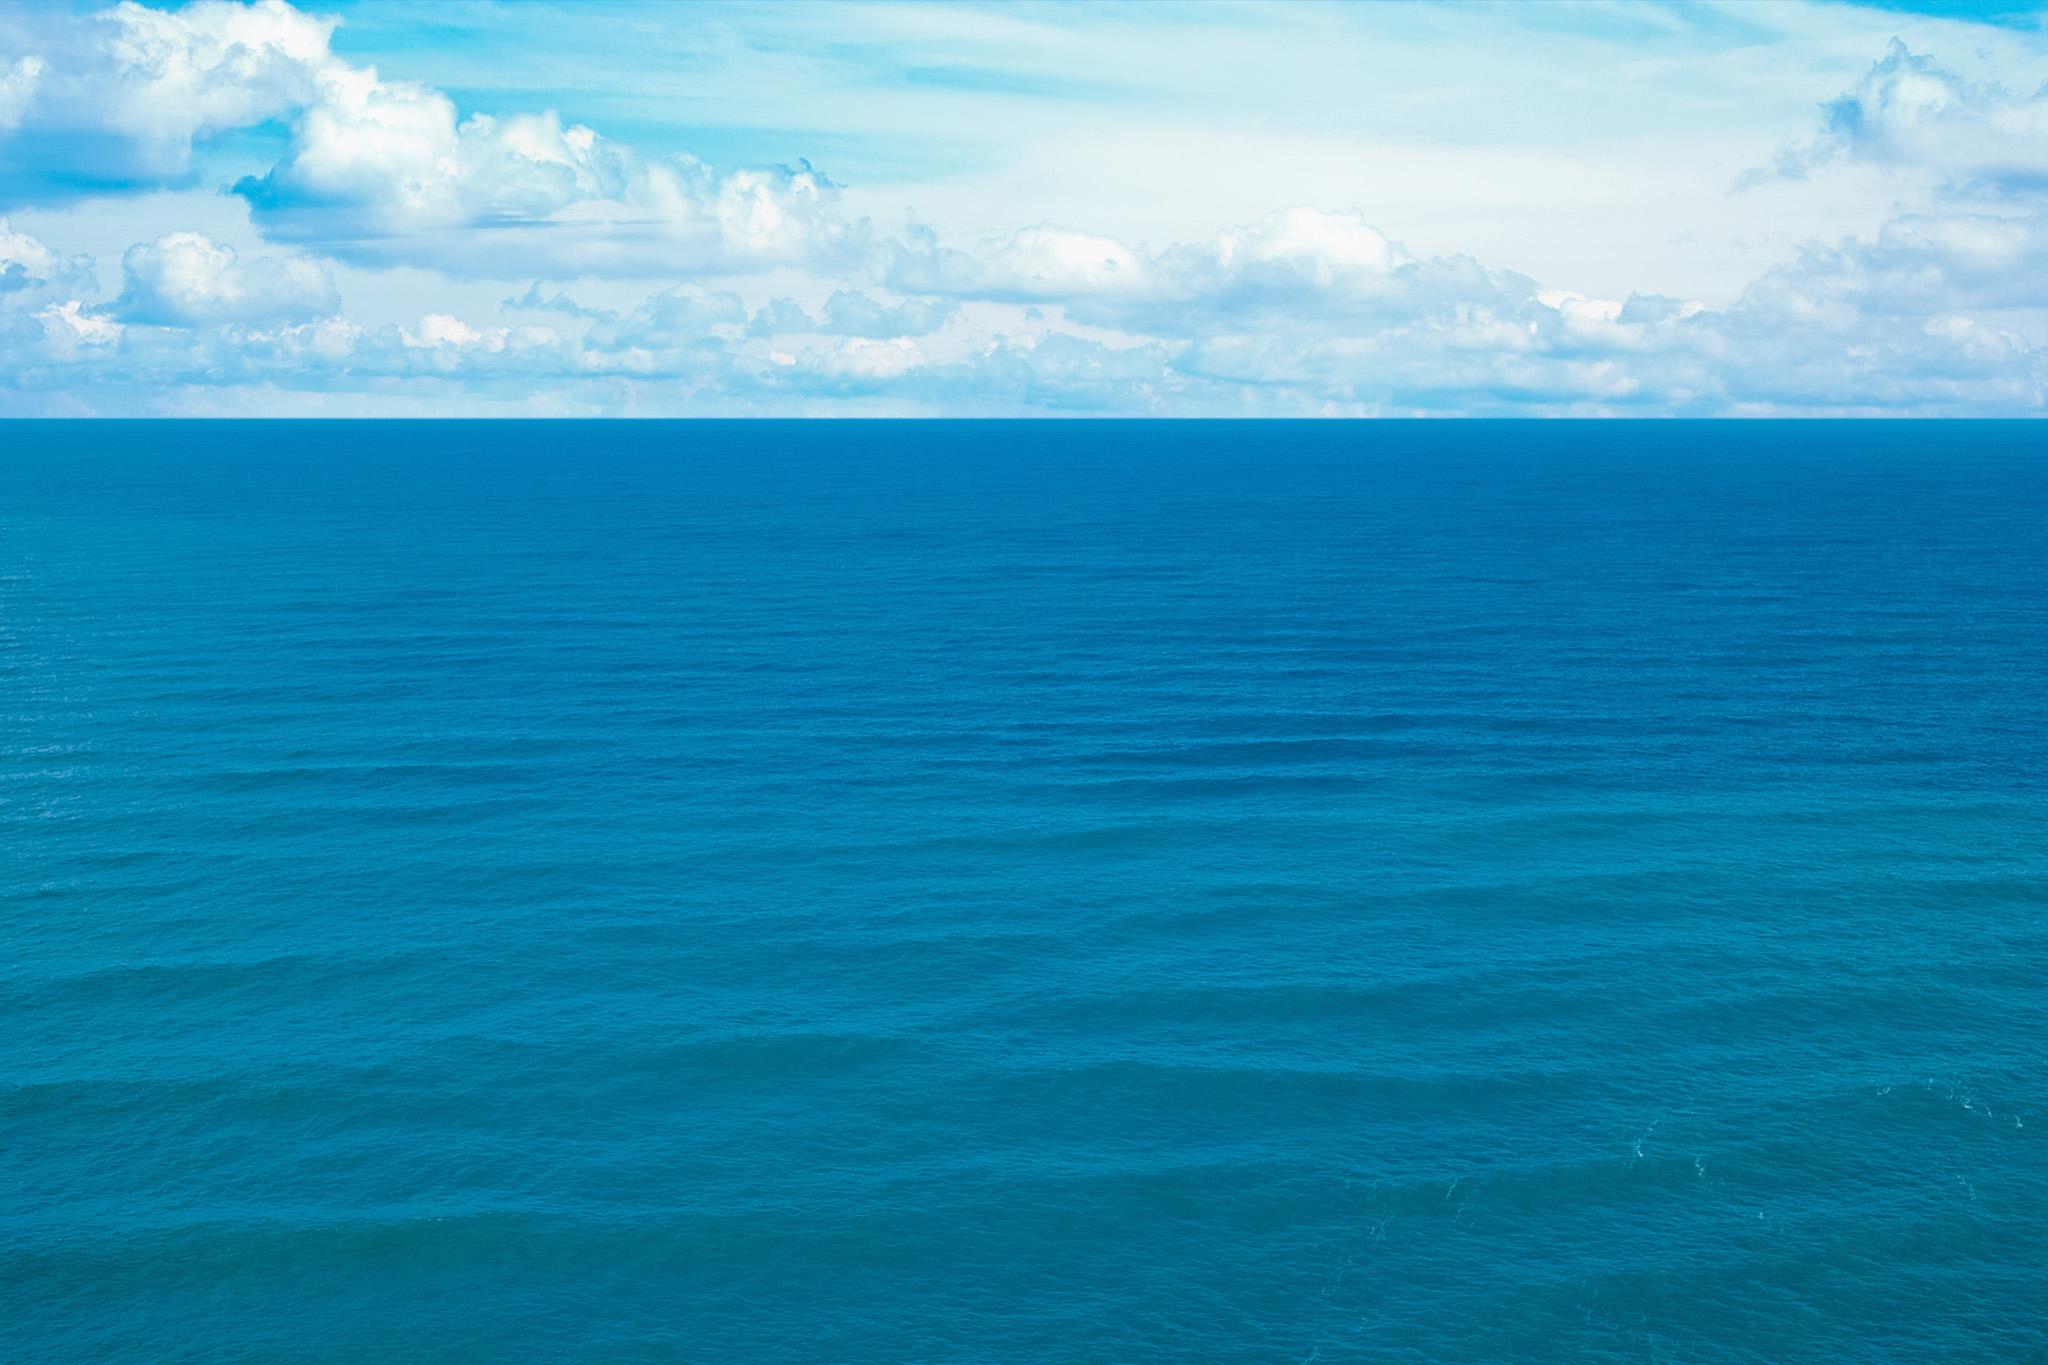 「穏やかな波の綺麗な海」